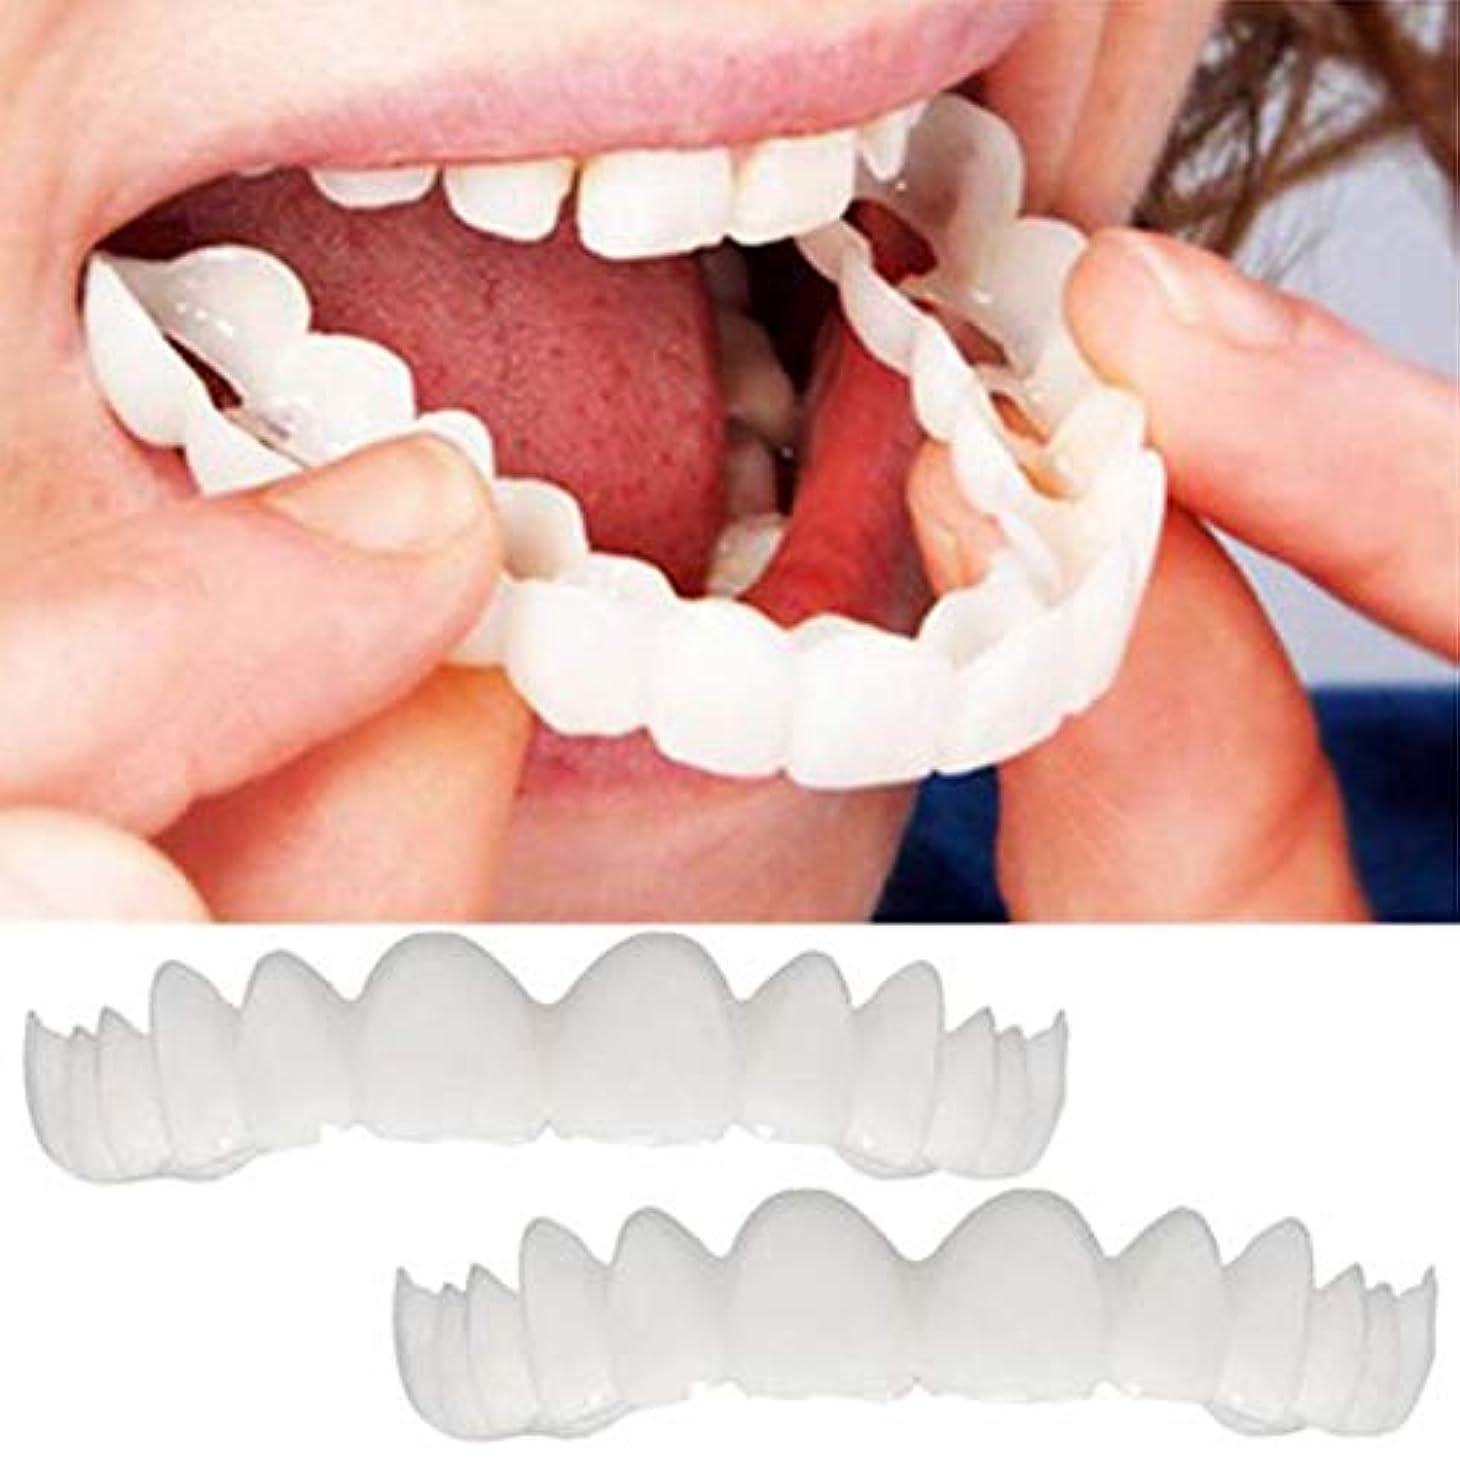 バスルーム水分同級生化粧品の歯、白い歯をきれいにするための快適なフィットフレックス歯のソケット、超快適、快適なフィット感、2セット